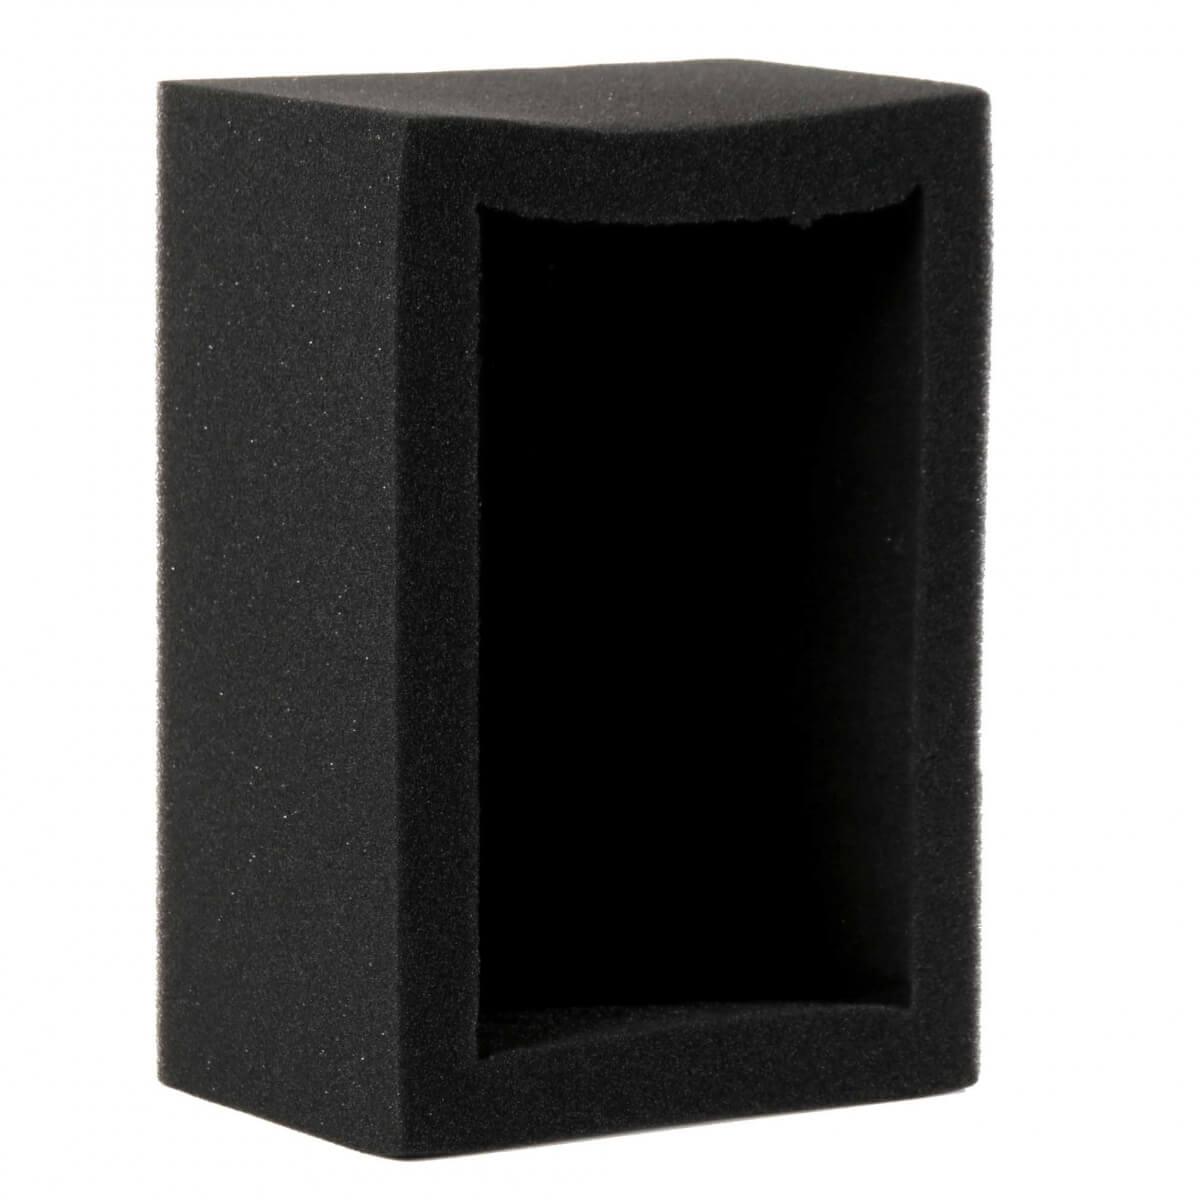 caisson anti bruit pour pompe air petit mod le pompe air. Black Bedroom Furniture Sets. Home Design Ideas